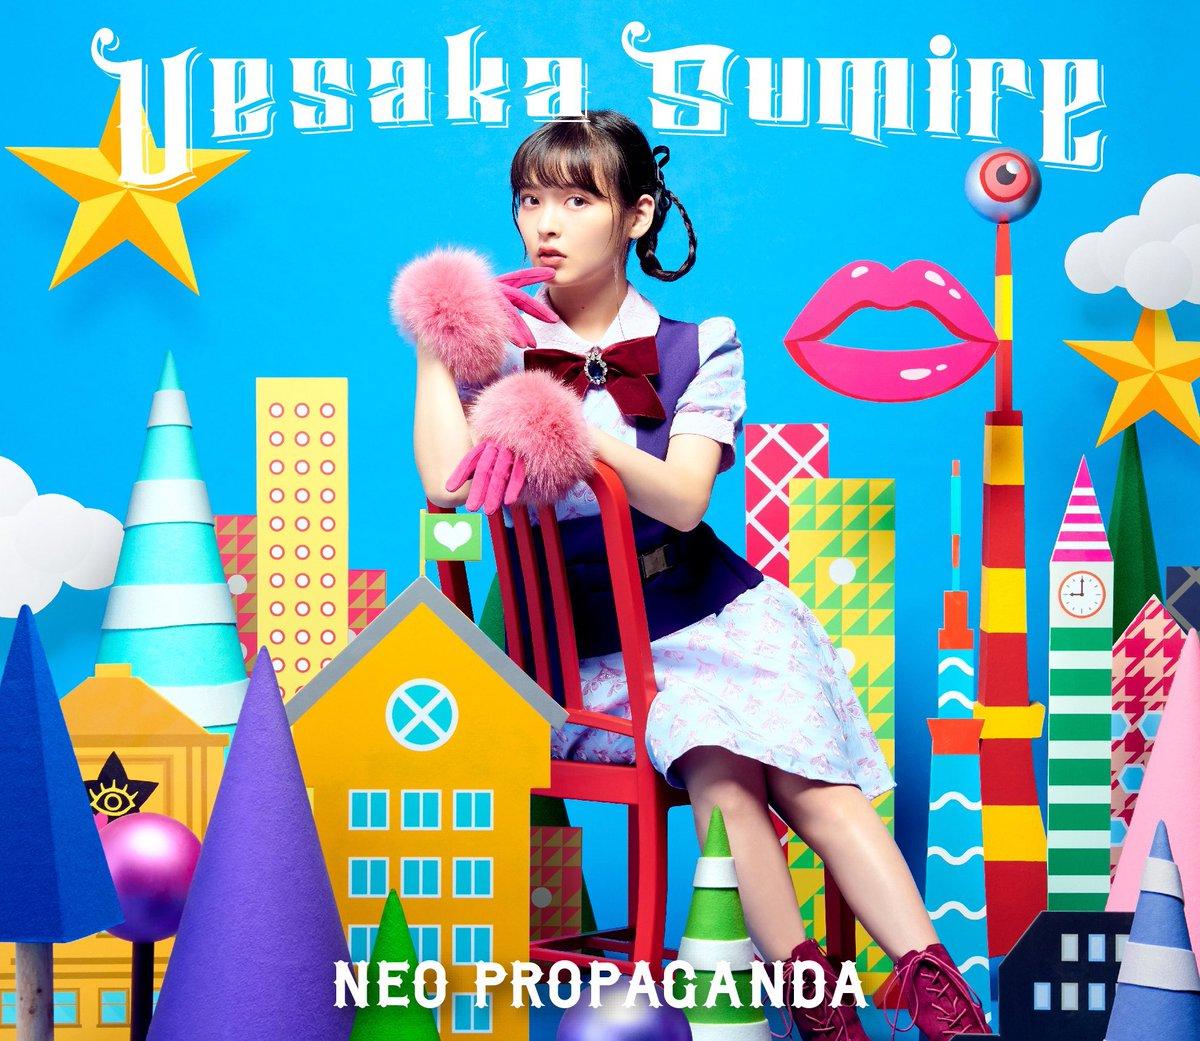 『上坂すみれ - ネオ東京唱歌』収録の『NEO PROPAGANDA』ジャケット